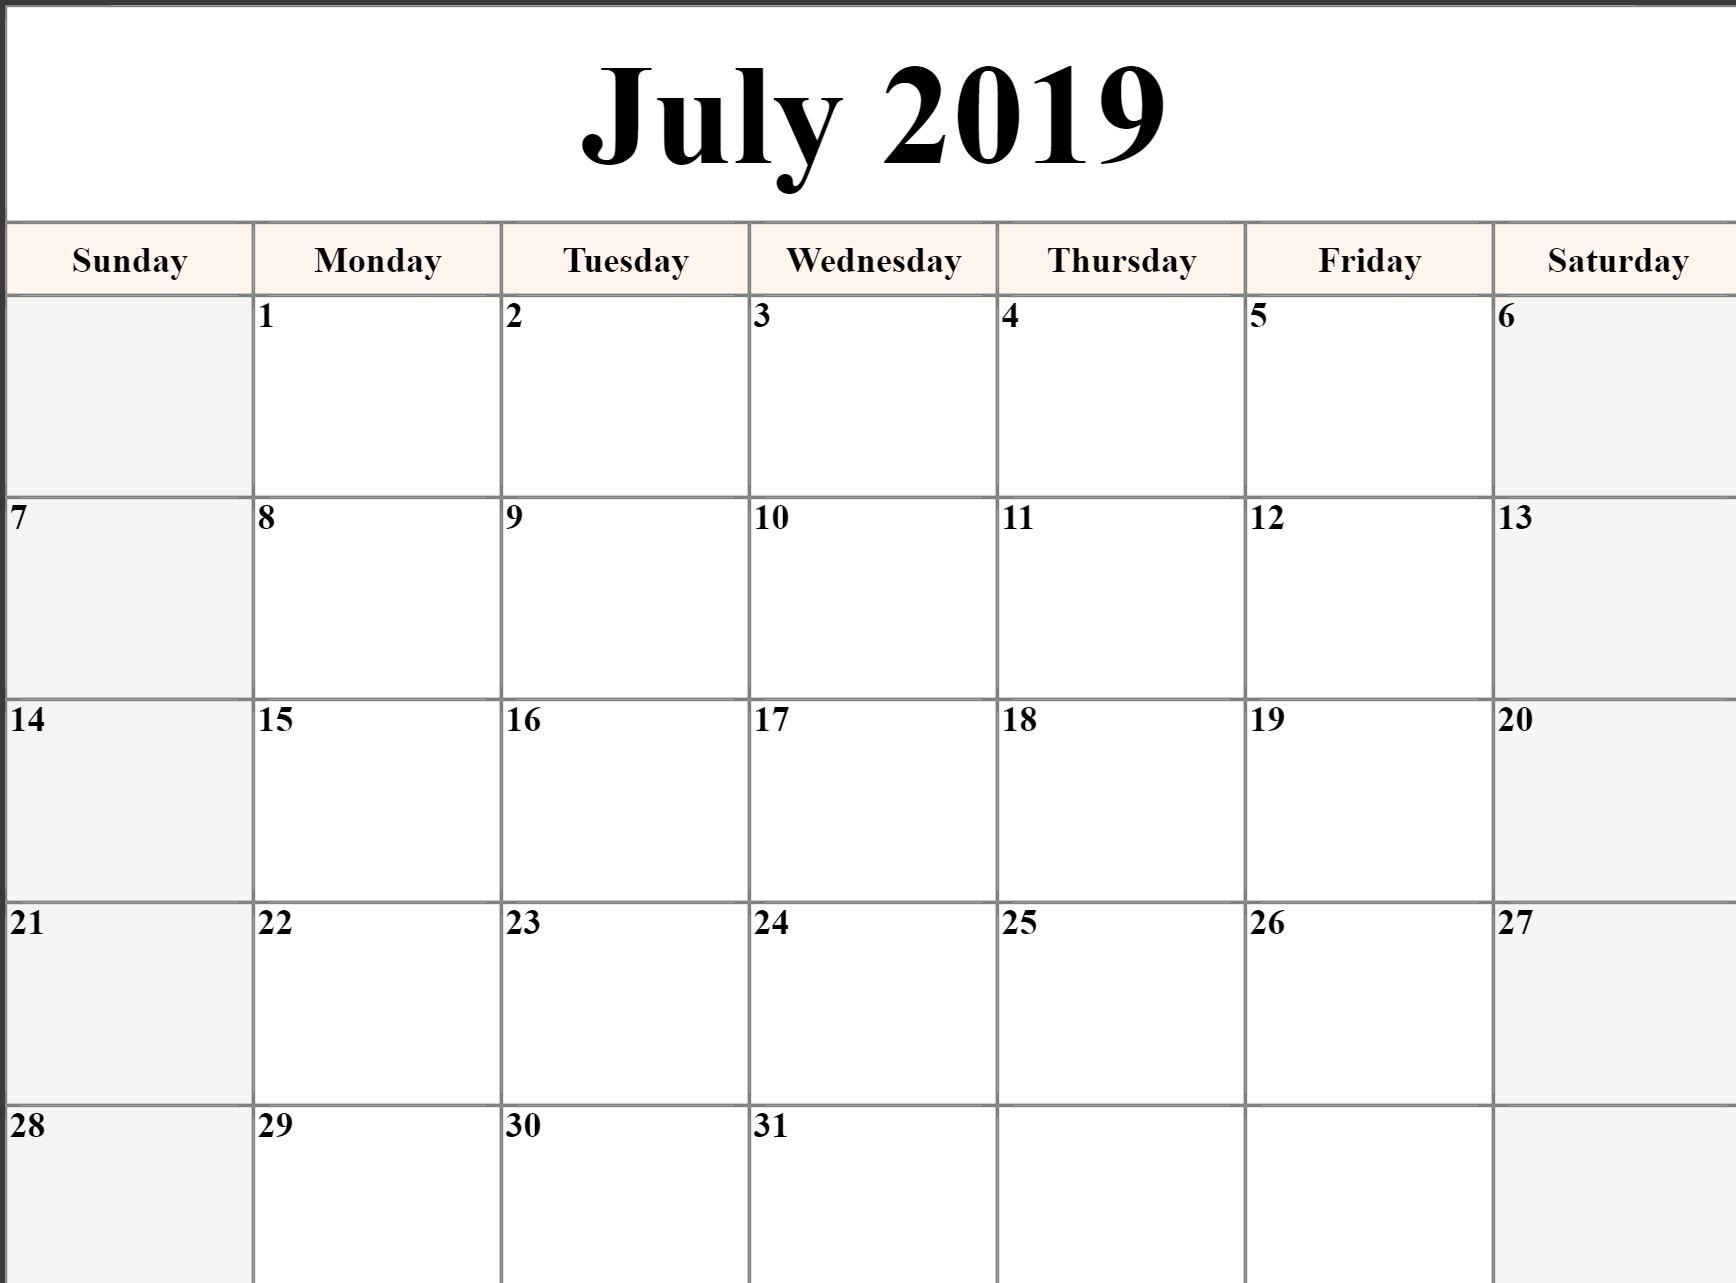 July Calendar 2019 Printable Editable A4 Landscape Portrait